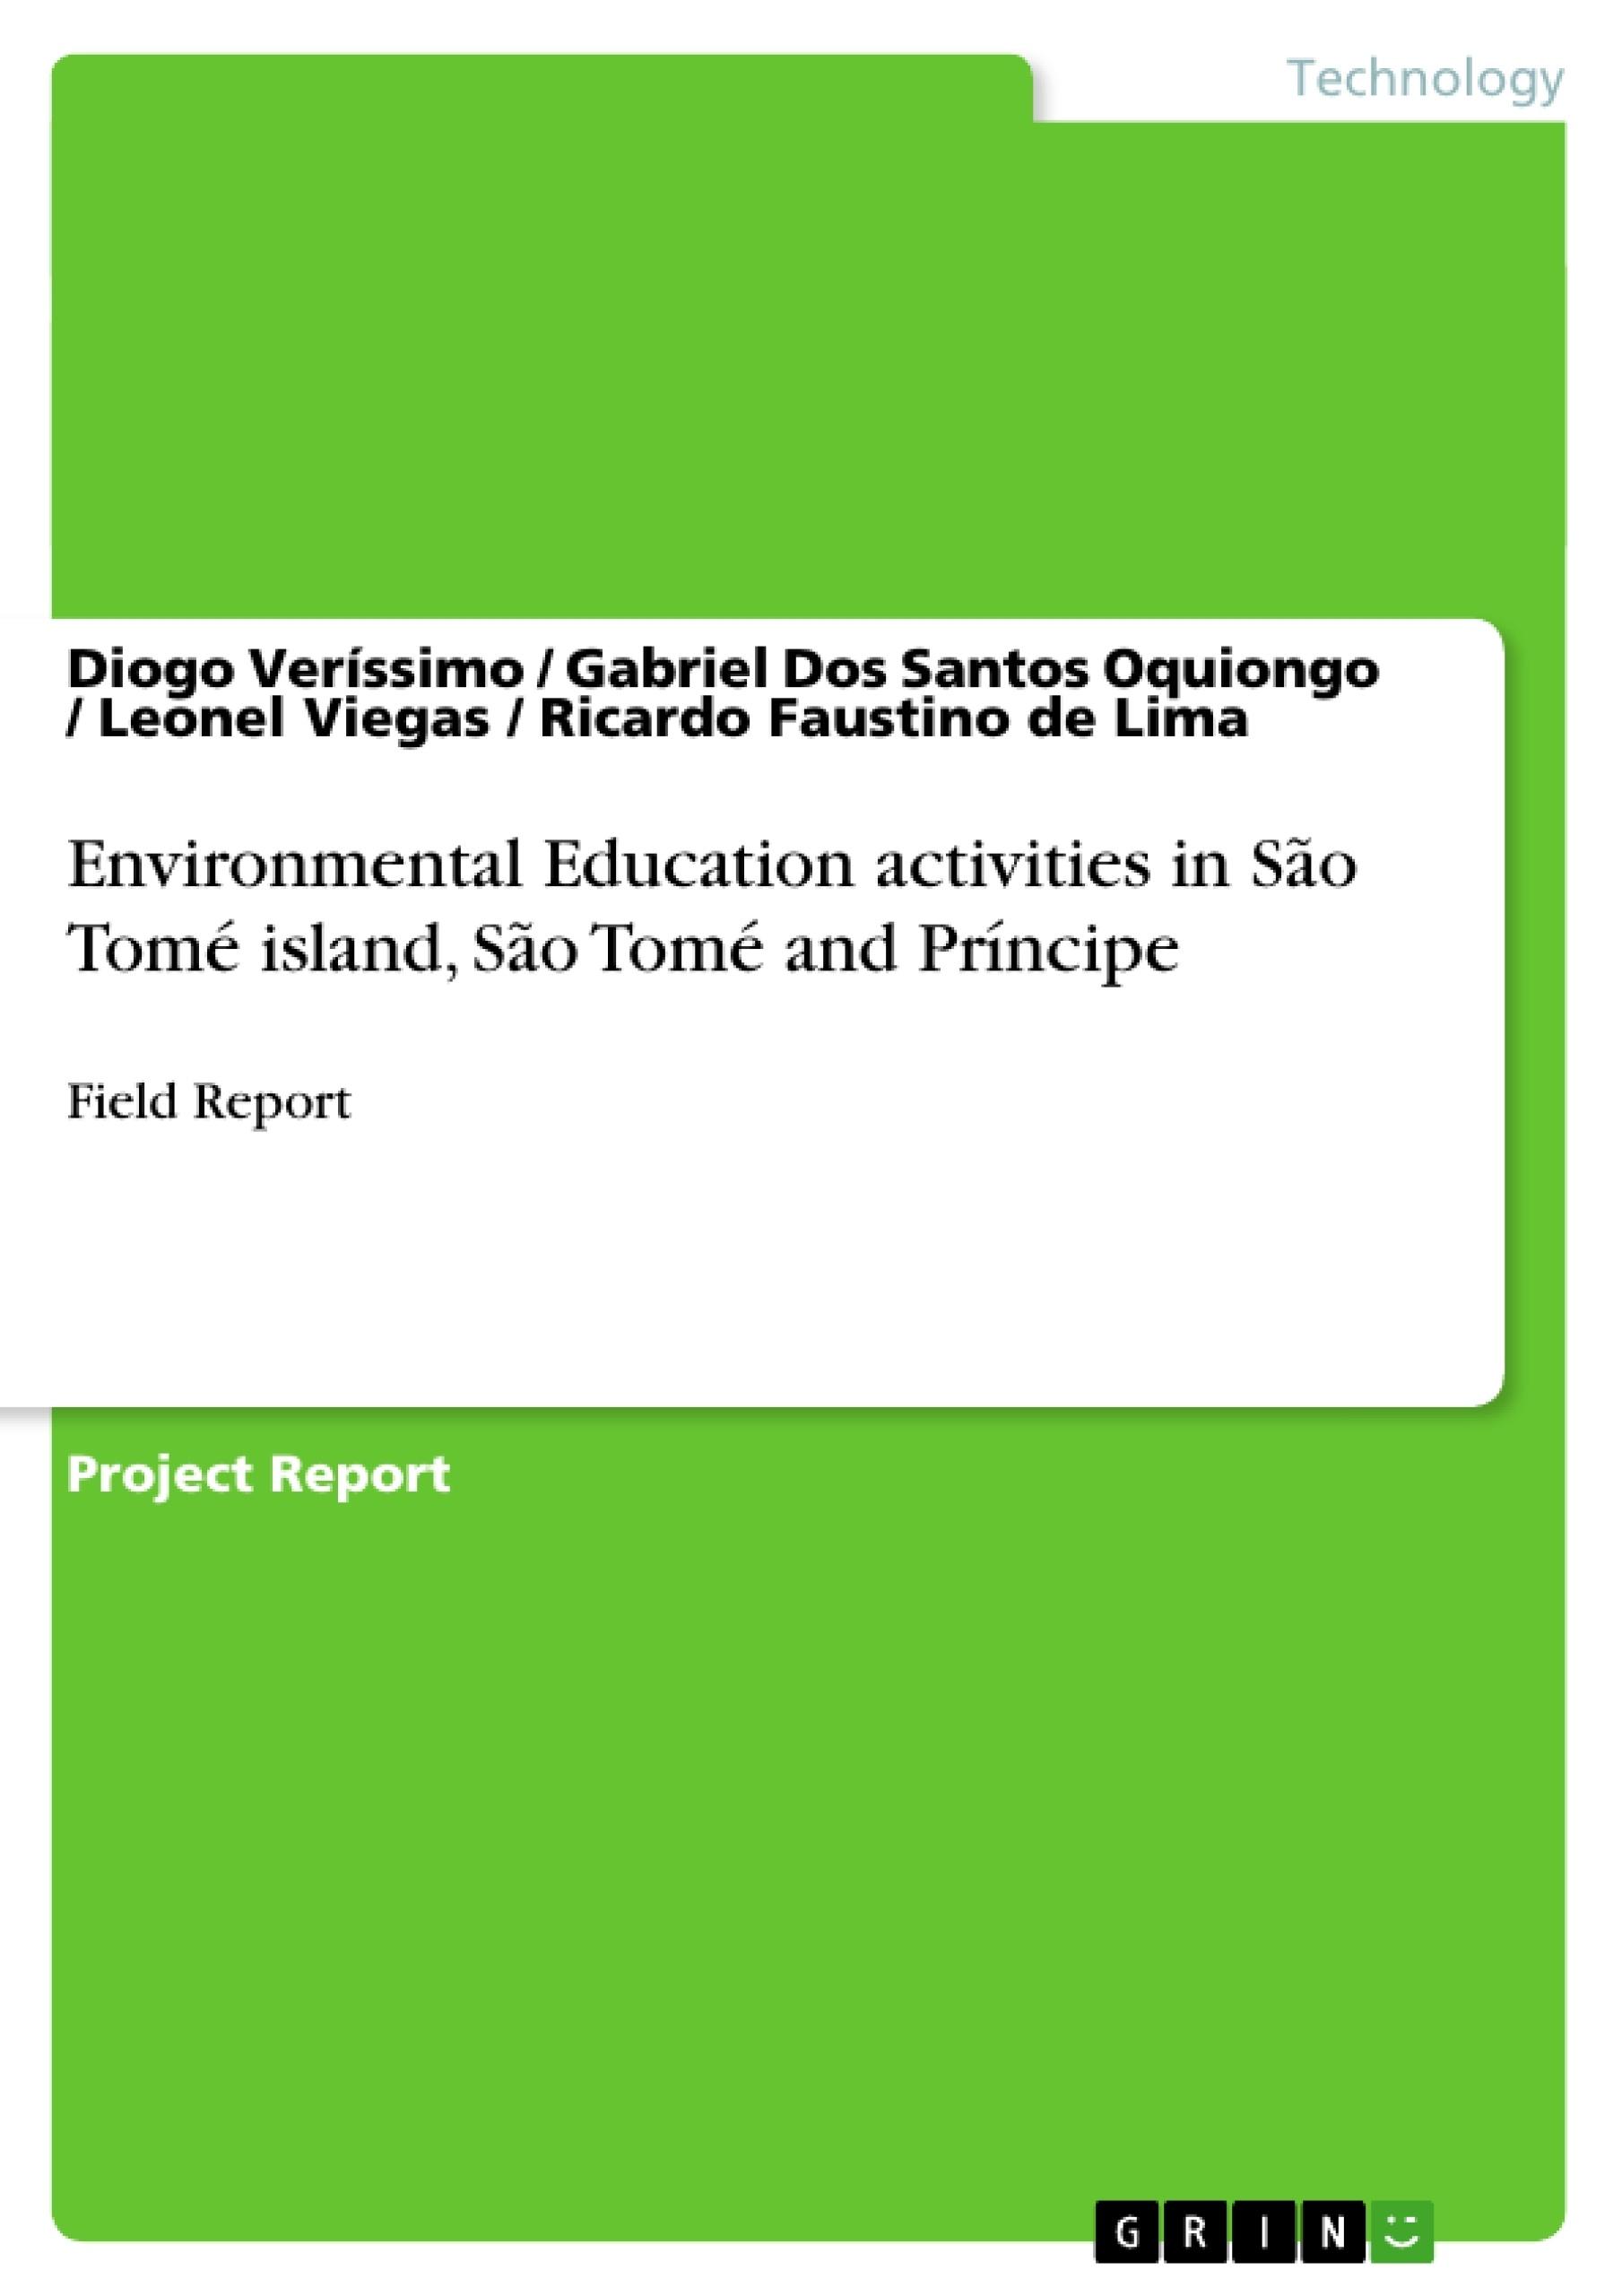 Title: Environmental Education activities in São Tomé island, São Tomé and Príncipe